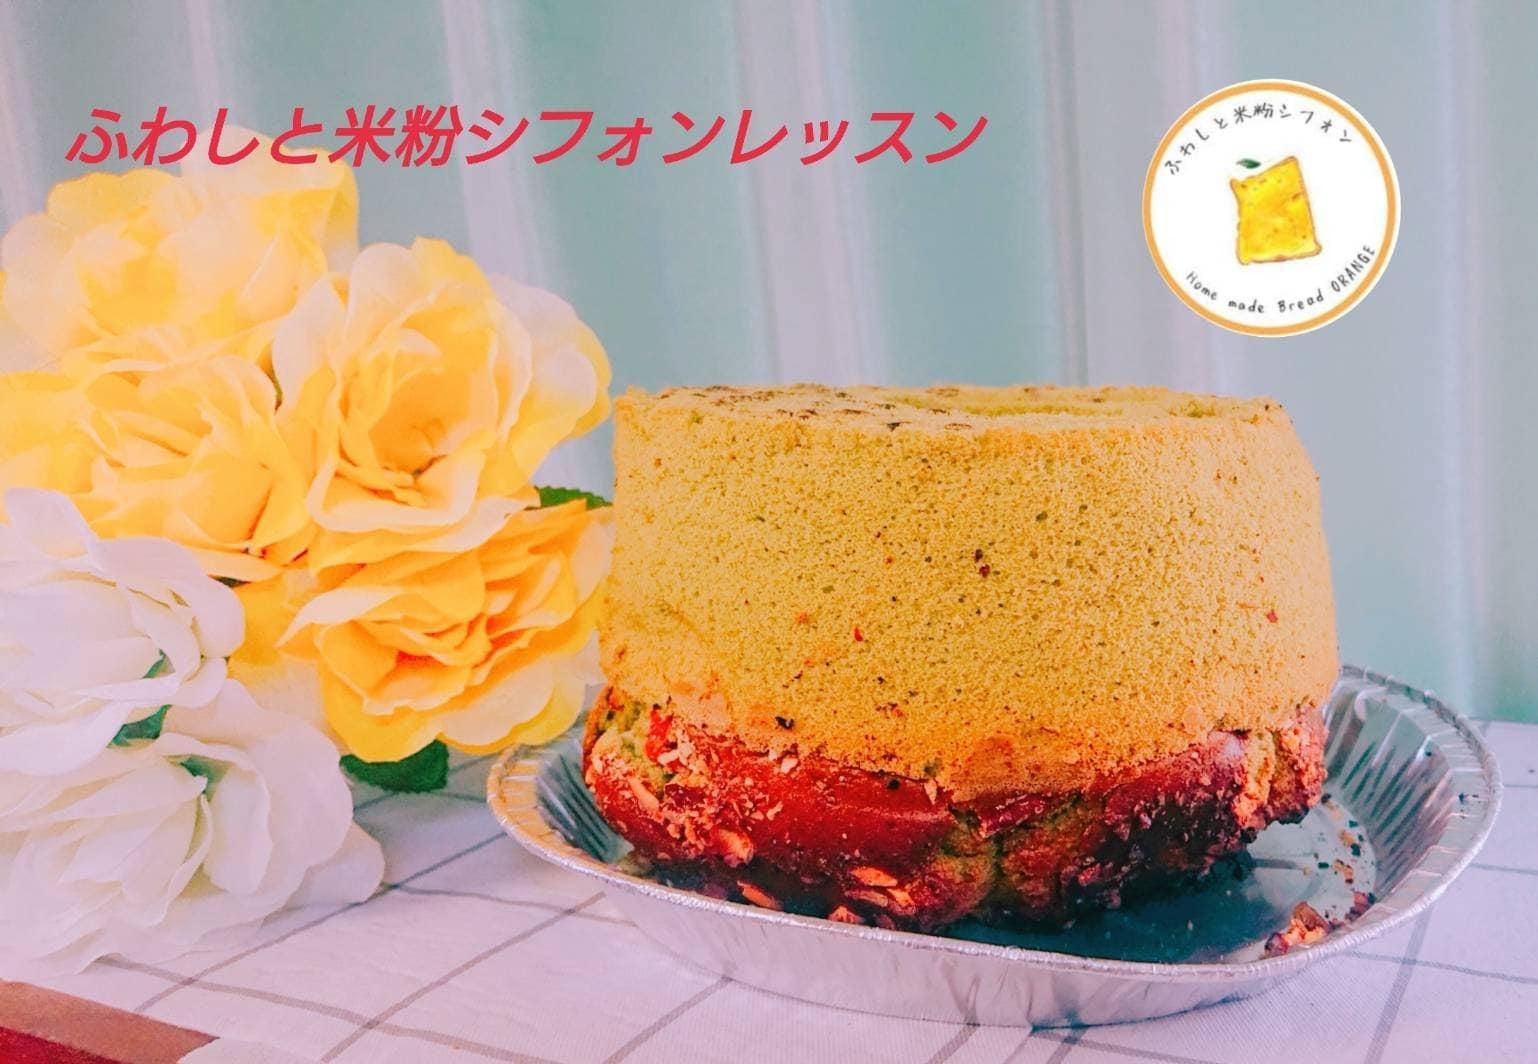 5月24日 ふわしと米粉シフォンケーキレッスンのイメージその1